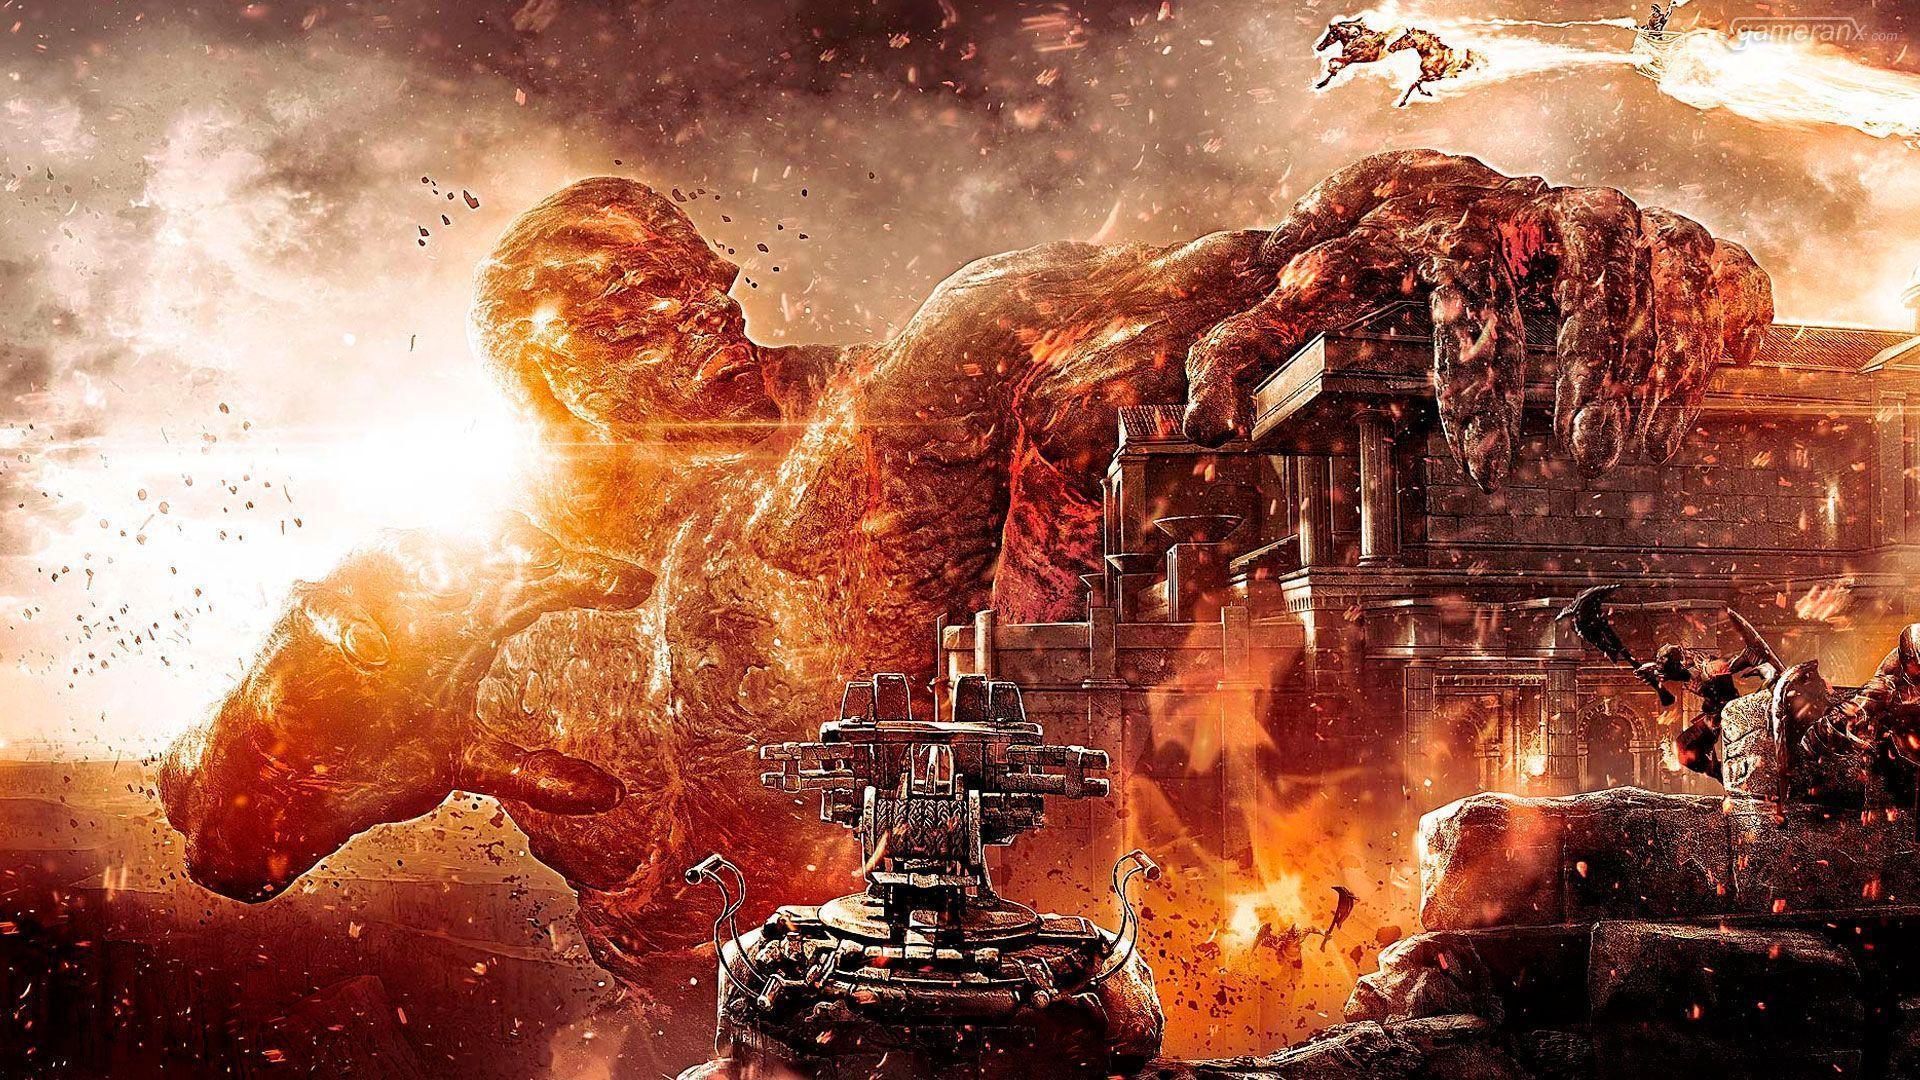 God of War III High-Def Wallpapers